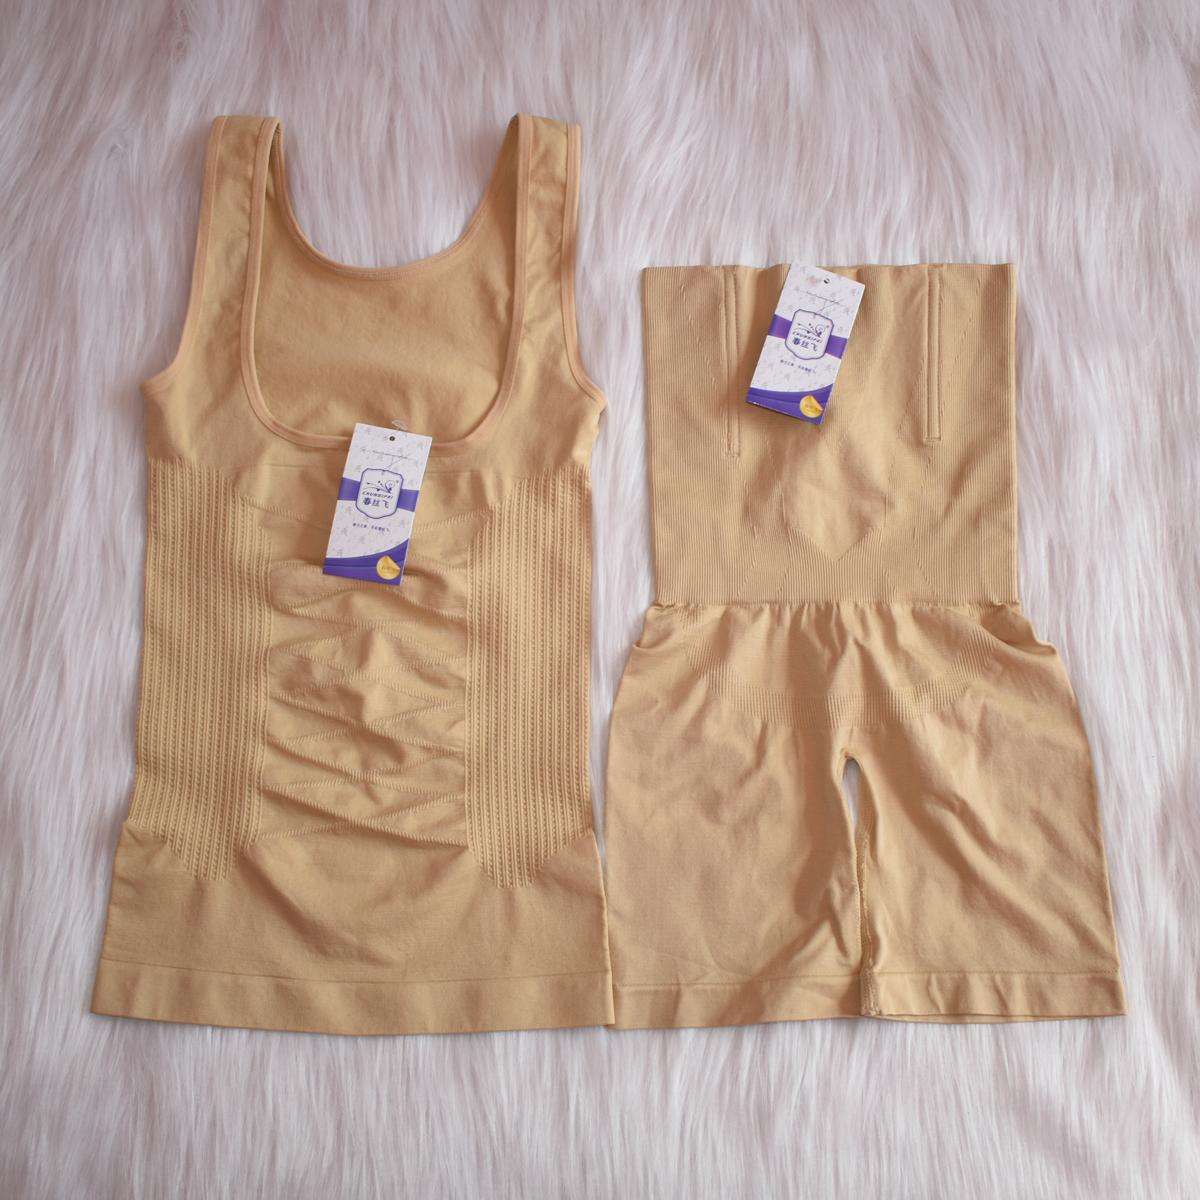 Микро бизнес кипарис еще в этом же моделье укрепление послеродовой живот одежда трещина установите пакет тело тело тело скульптуры одежда тело туника женщина